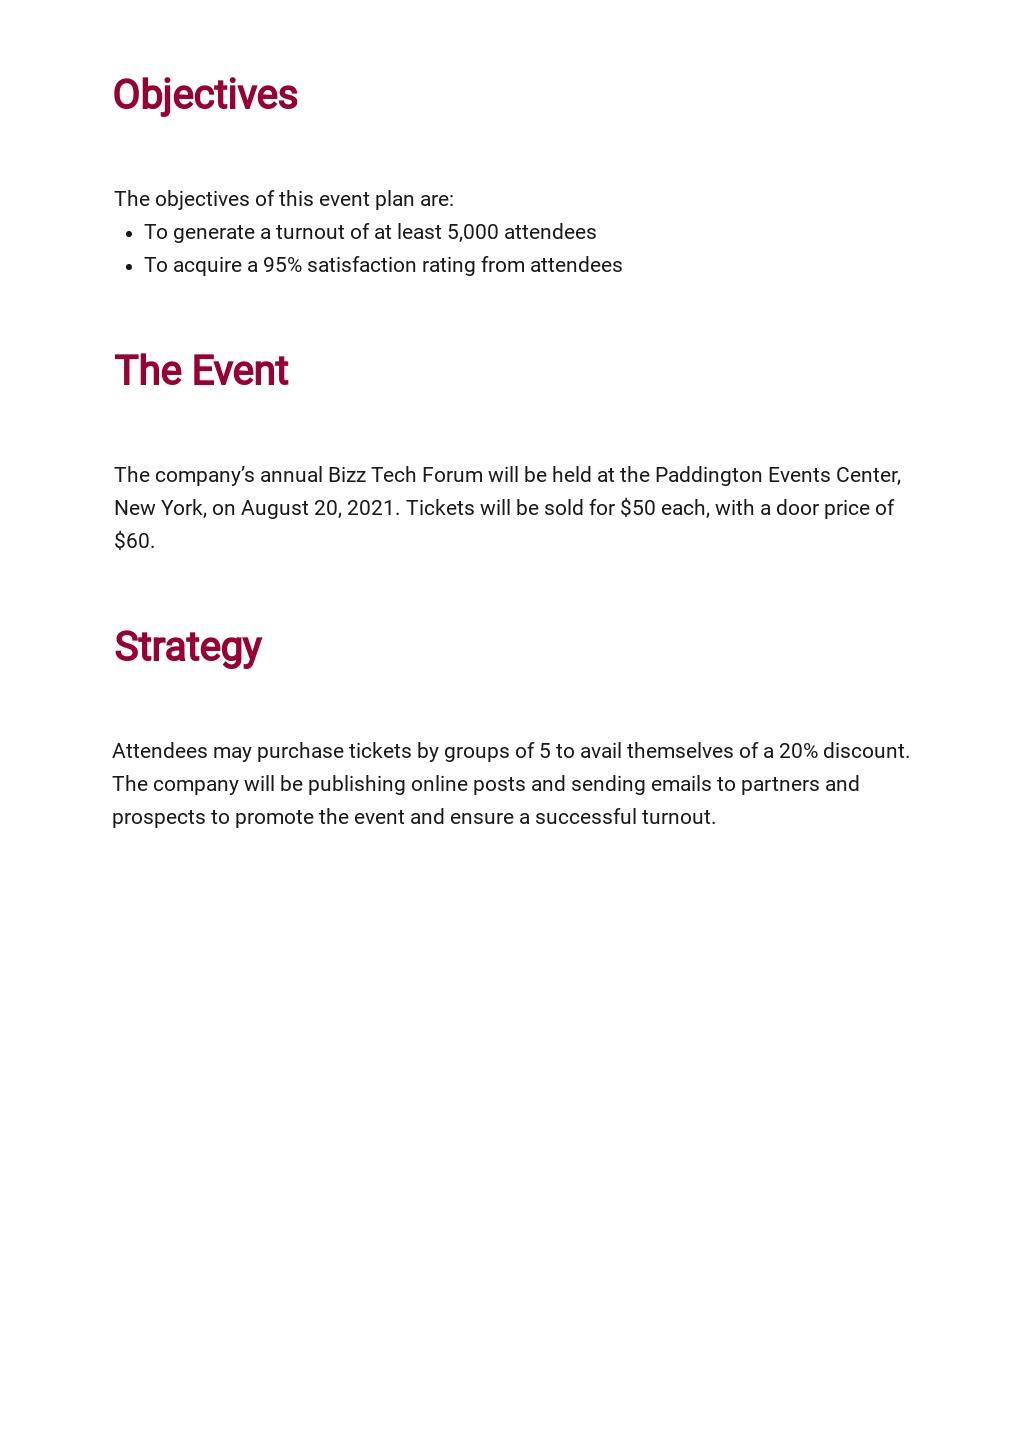 Corporate Event Plan Template 1.jpe